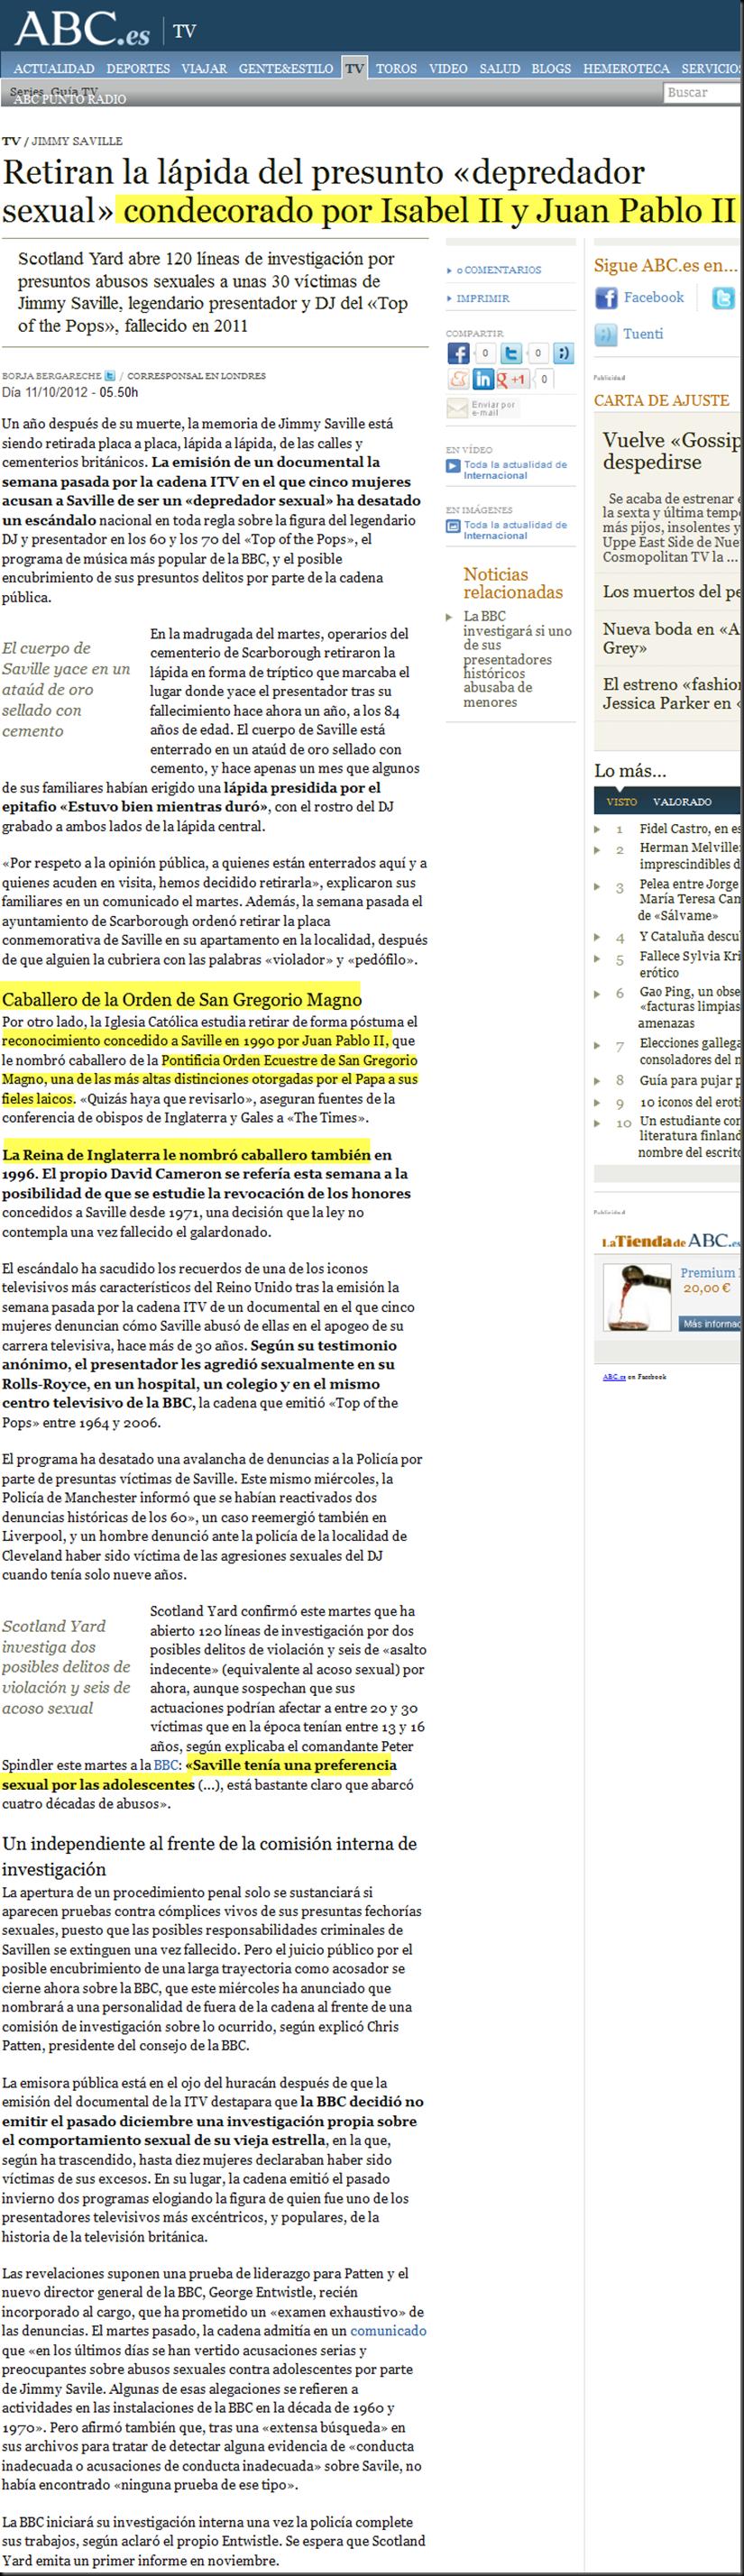 Retiran la lápida del presunto «depredador sexual» condecorado por Isabel II y Juan Pablo II Image_thumb40